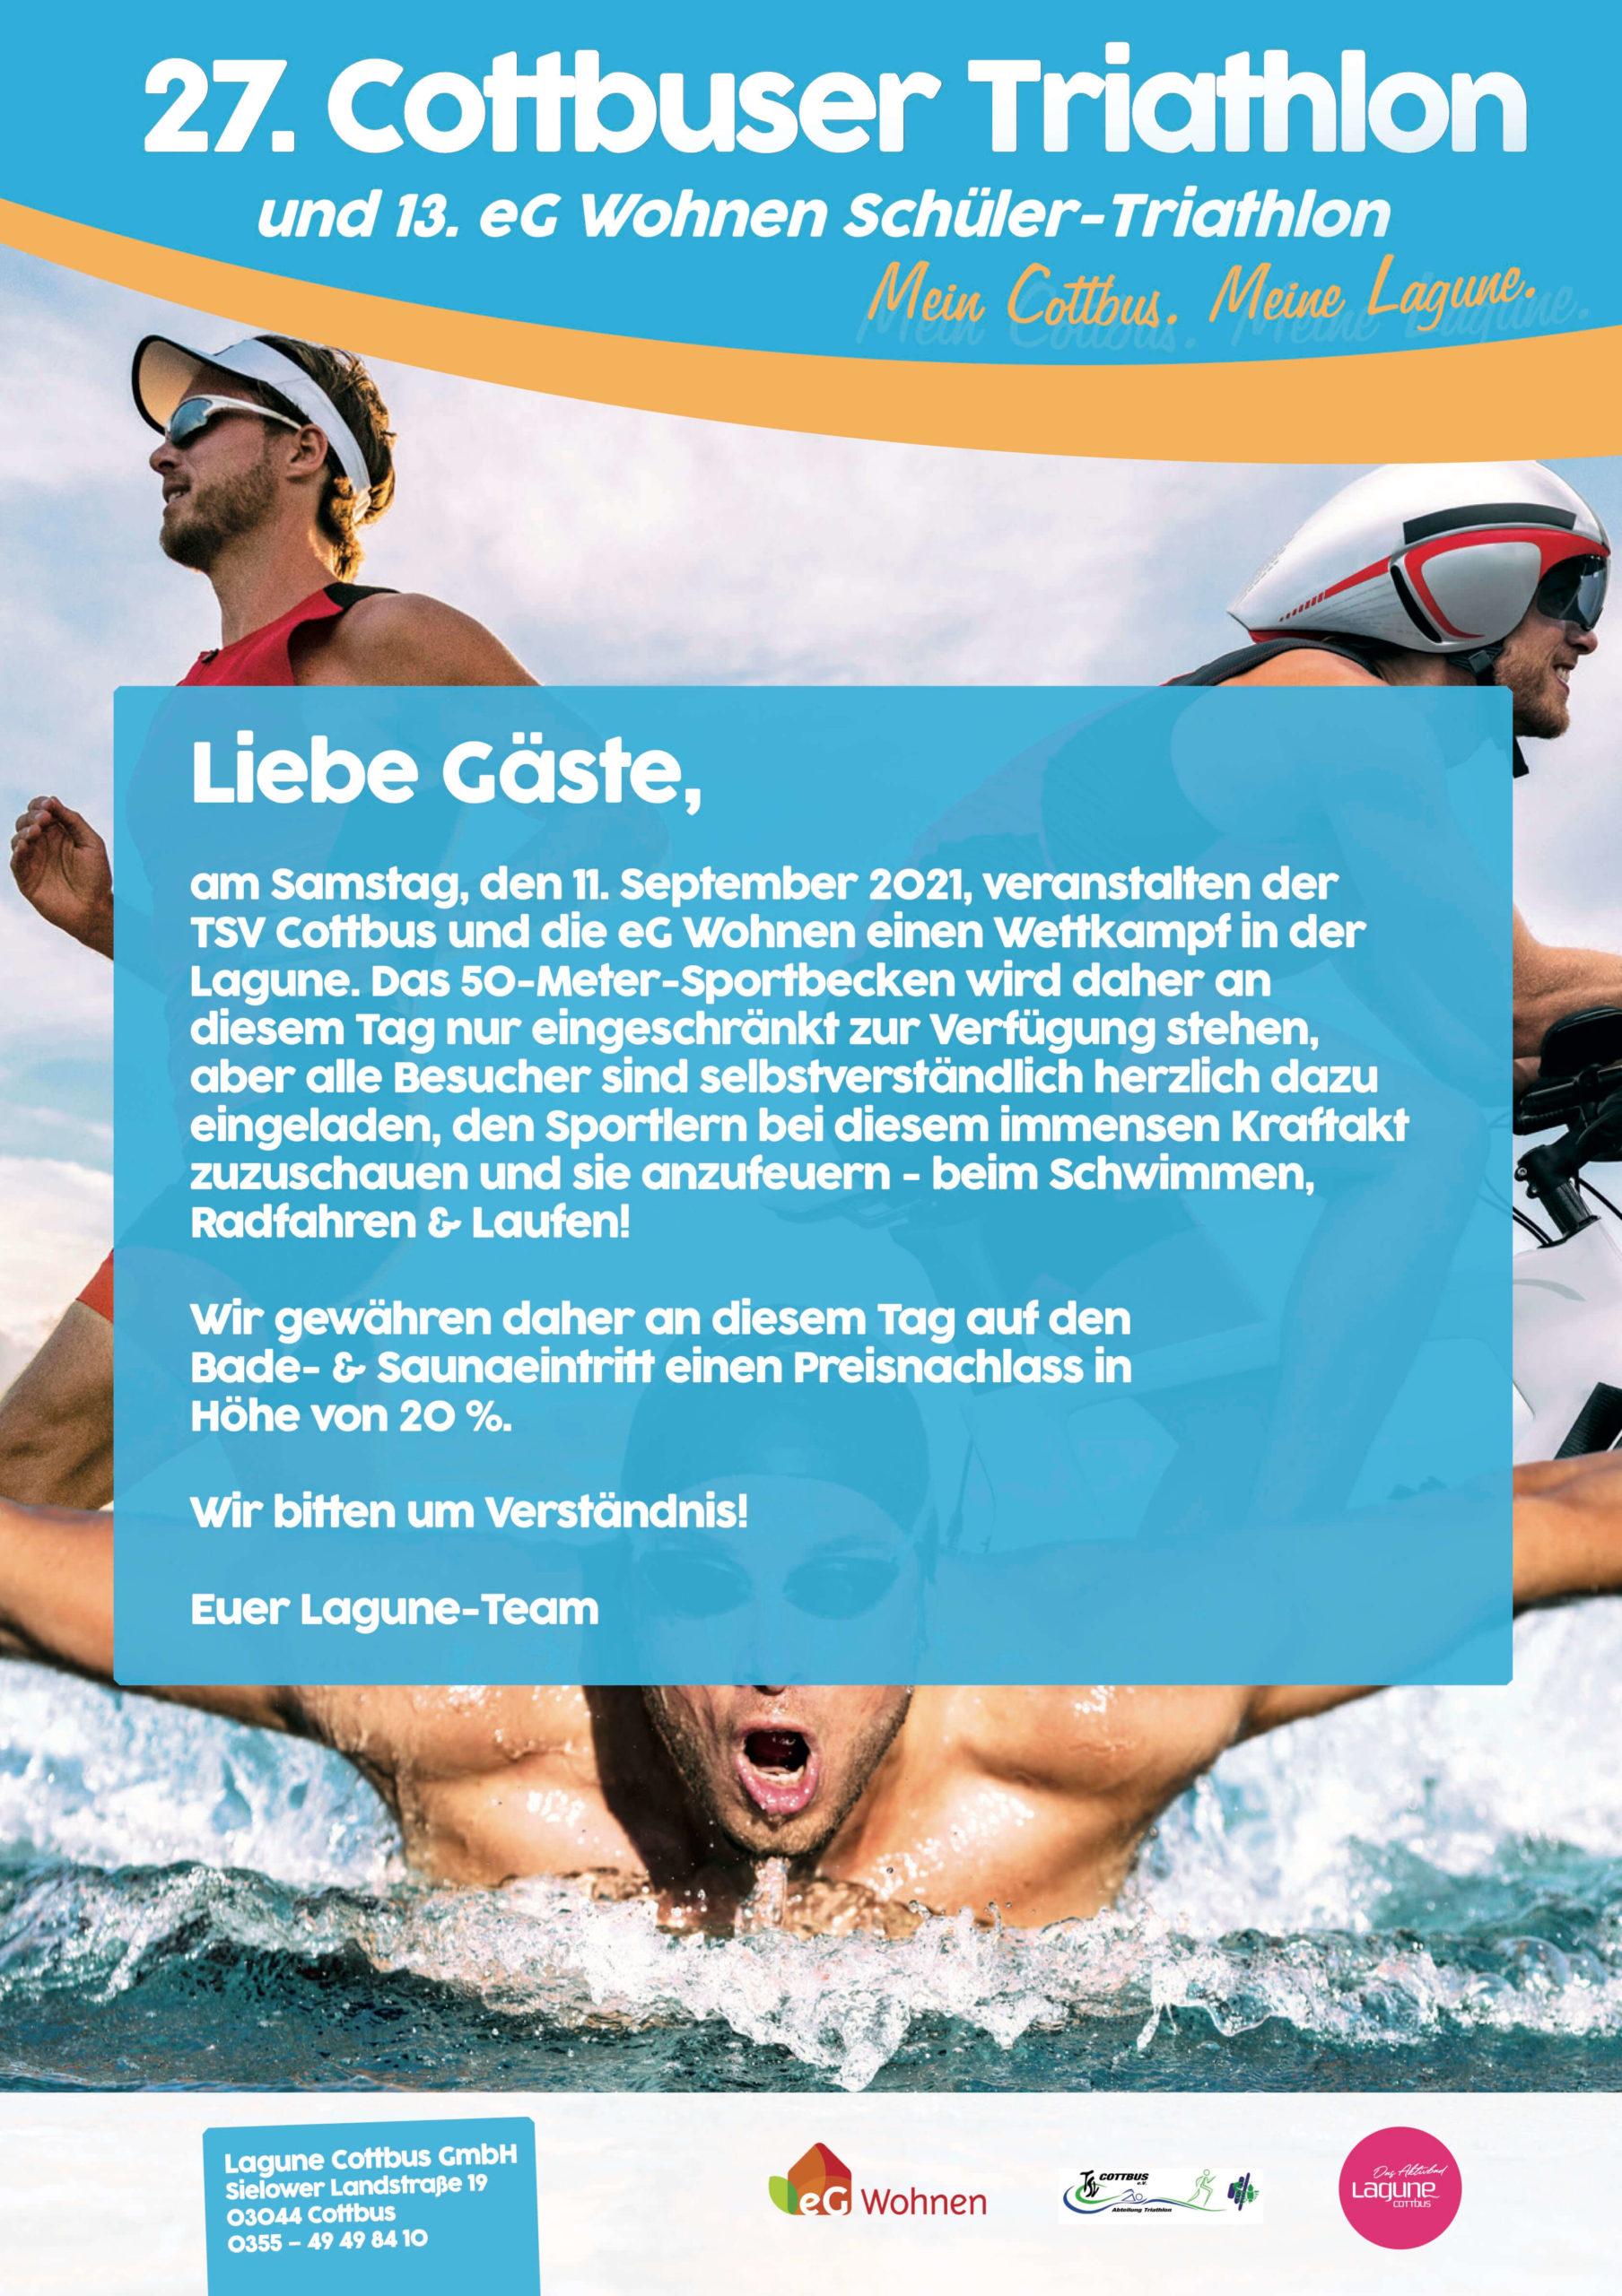 27. Cottbuser Triathlonfest in der Lagune